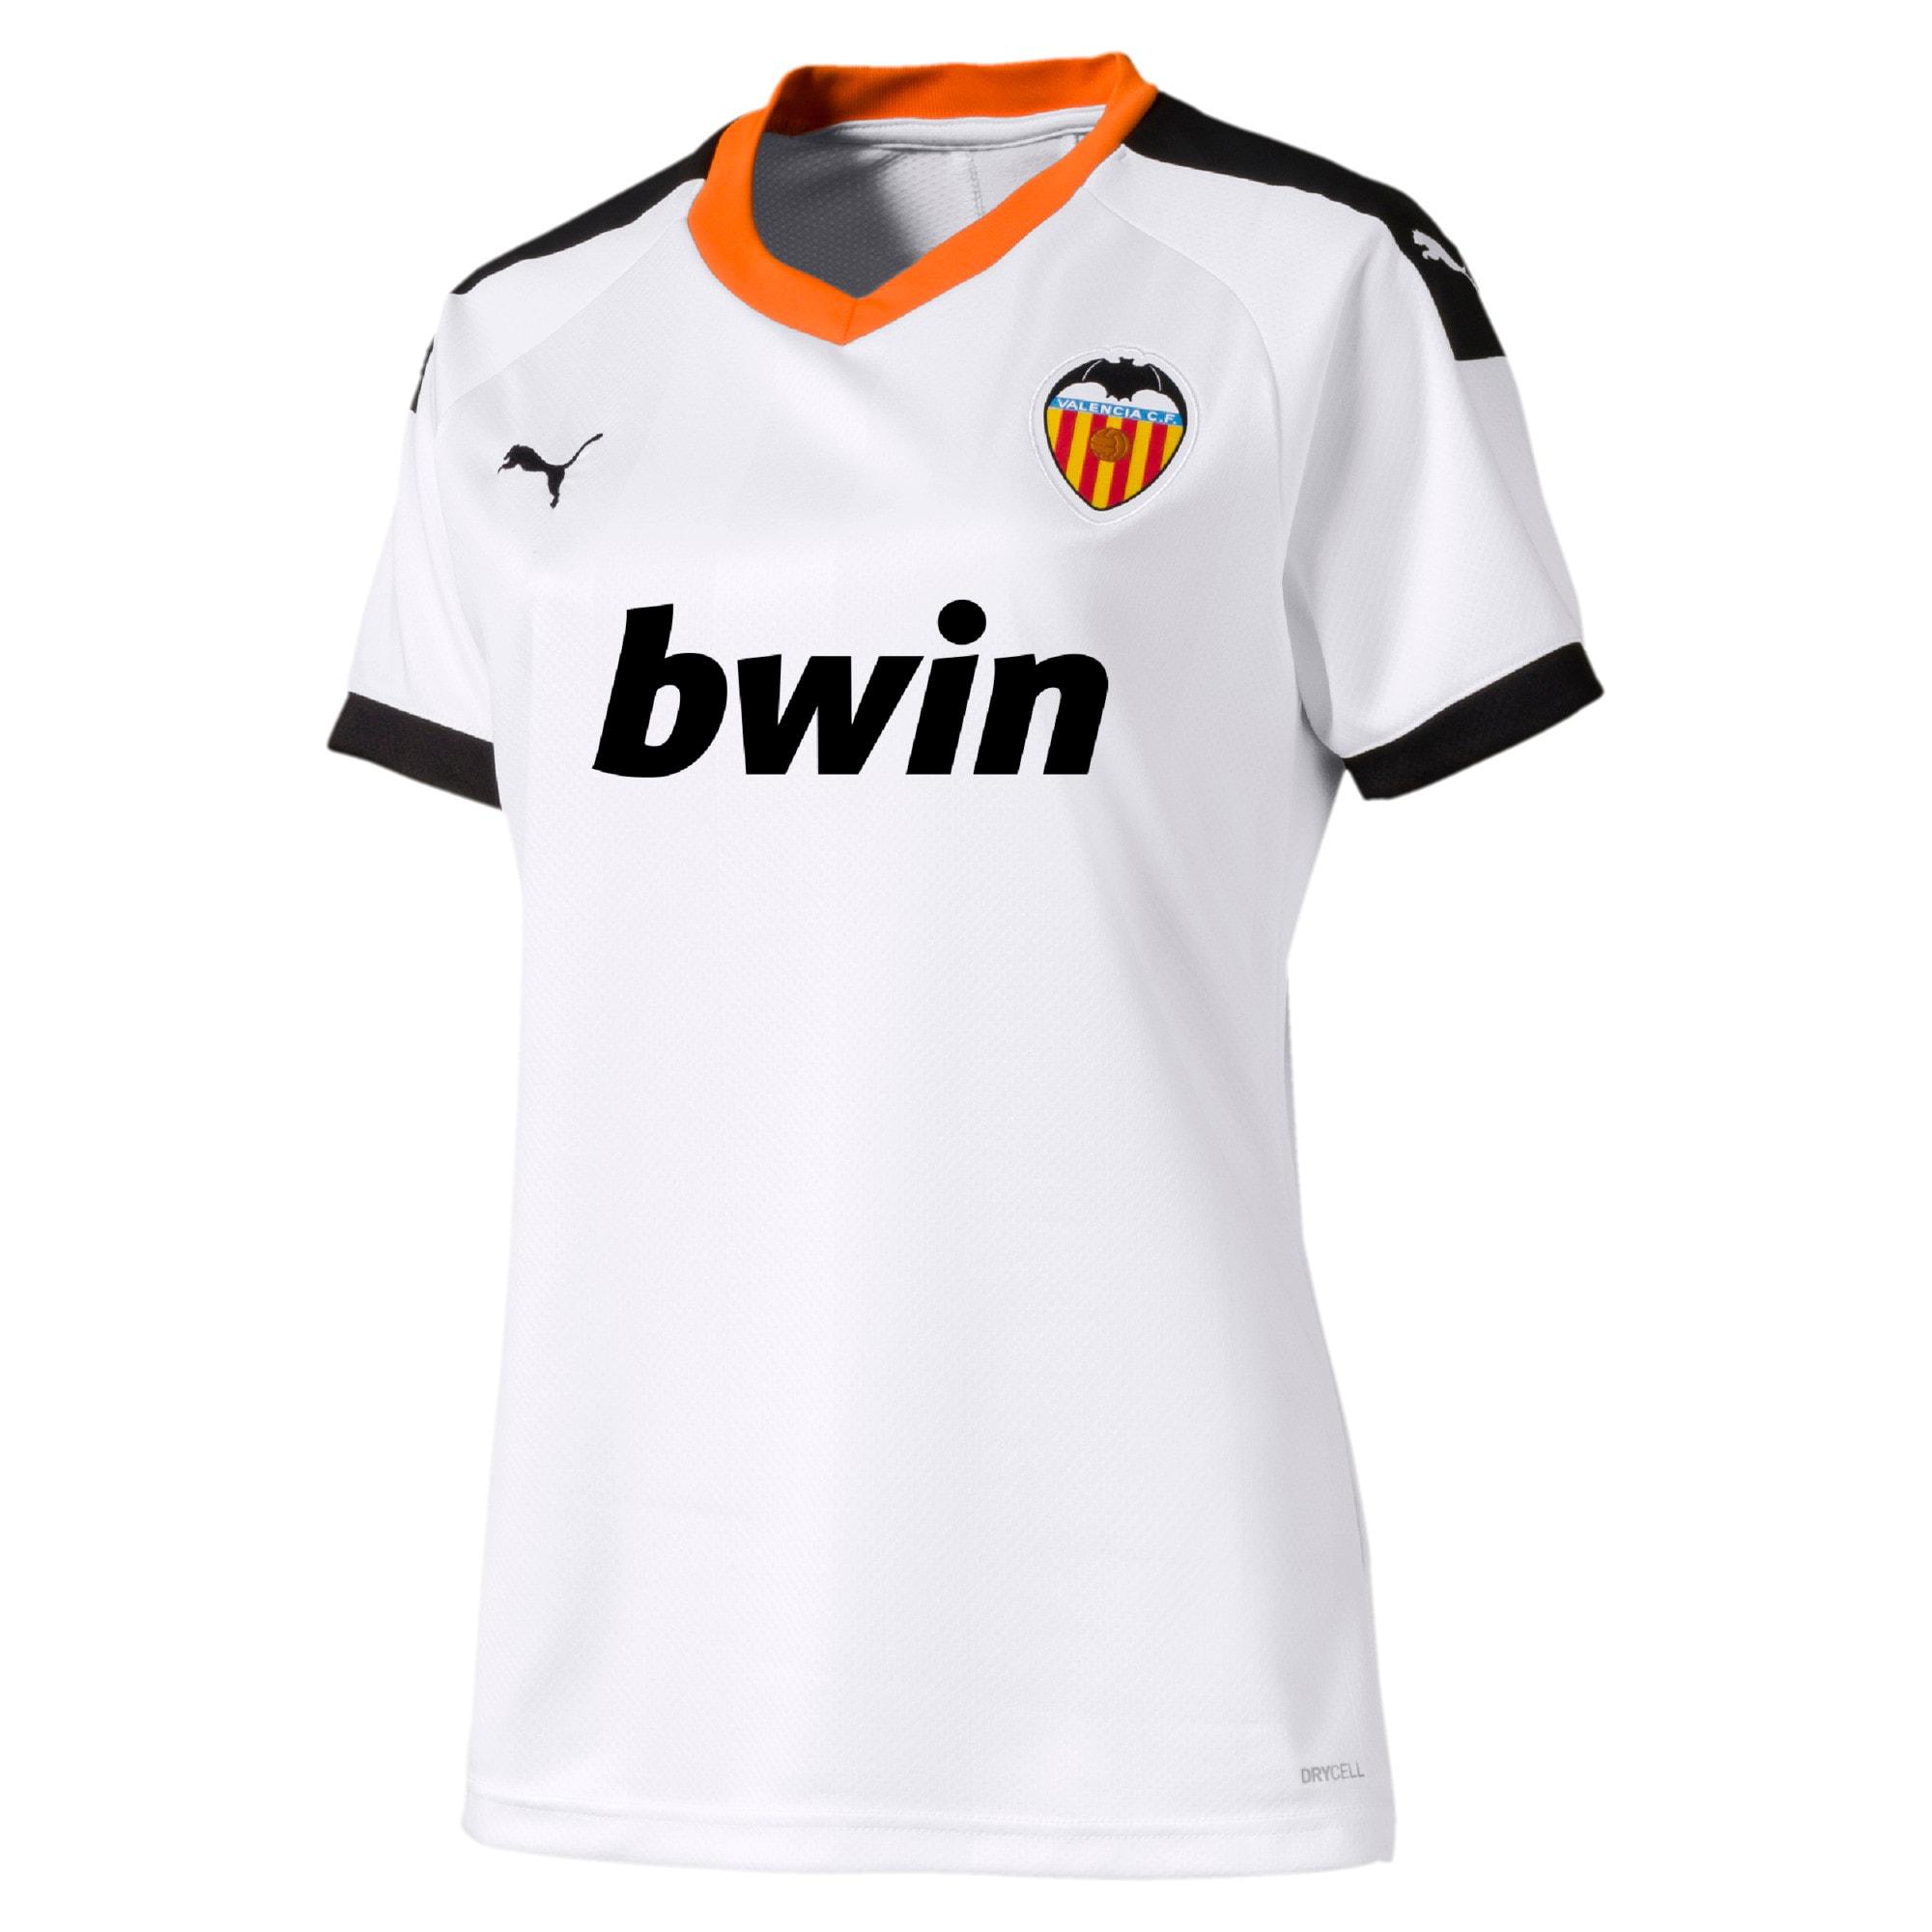 Imagen en miniatura 1 de Camiseta de la primera equipación de réplica de mujer Valencia CF, White- Black-Vibrant Orange, mediana